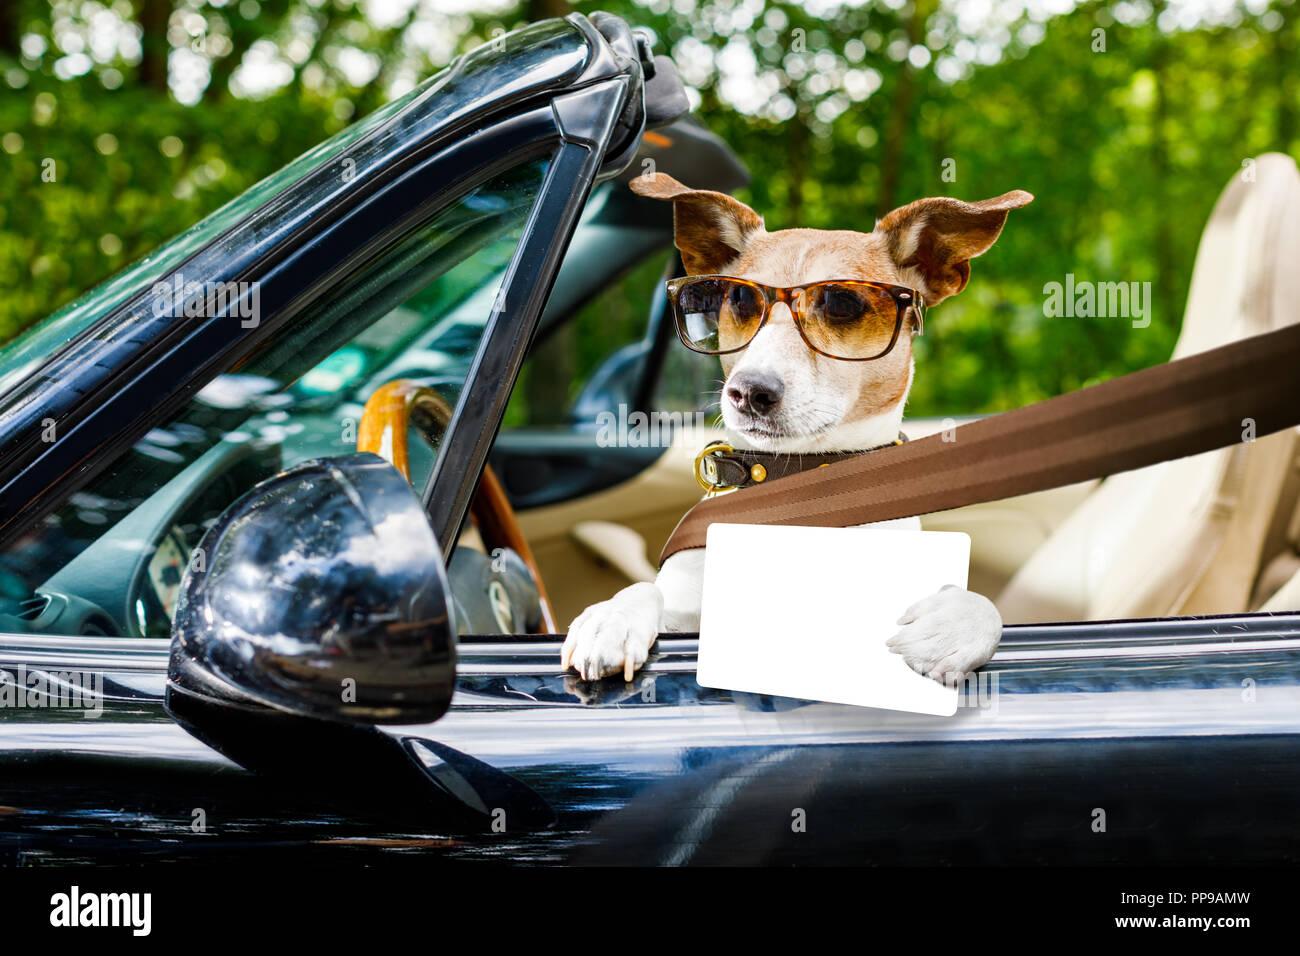 Jack Russell perro en un automóvil cerca del volante, listo para conducir rápido y guardar , con el cinturón de seguridad abrochado,con licencia de conducir Imagen De Stock